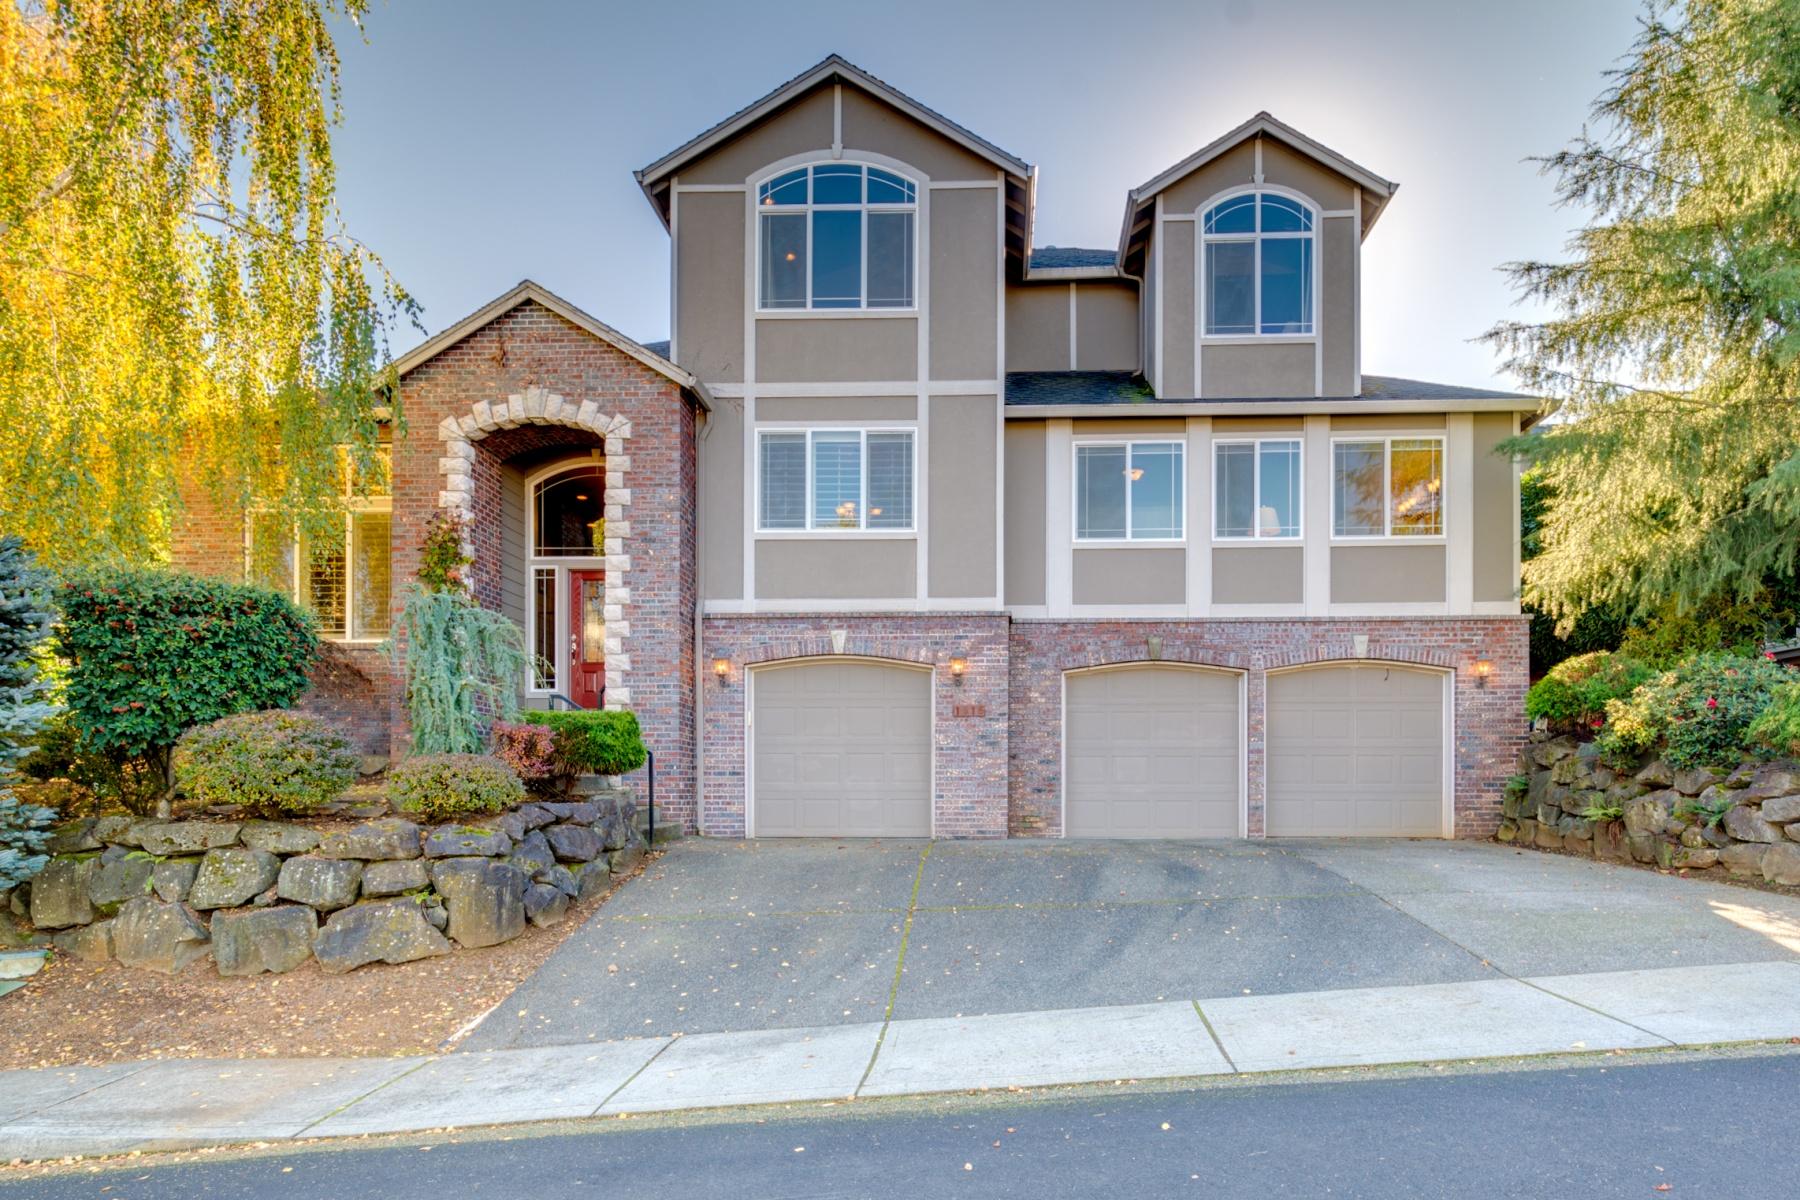 Частный односемейный дом для того Продажа на On the Hill in Camas 1616 NW 38TH Ave Camas, Вашингтон 98607 Соединенные Штаты